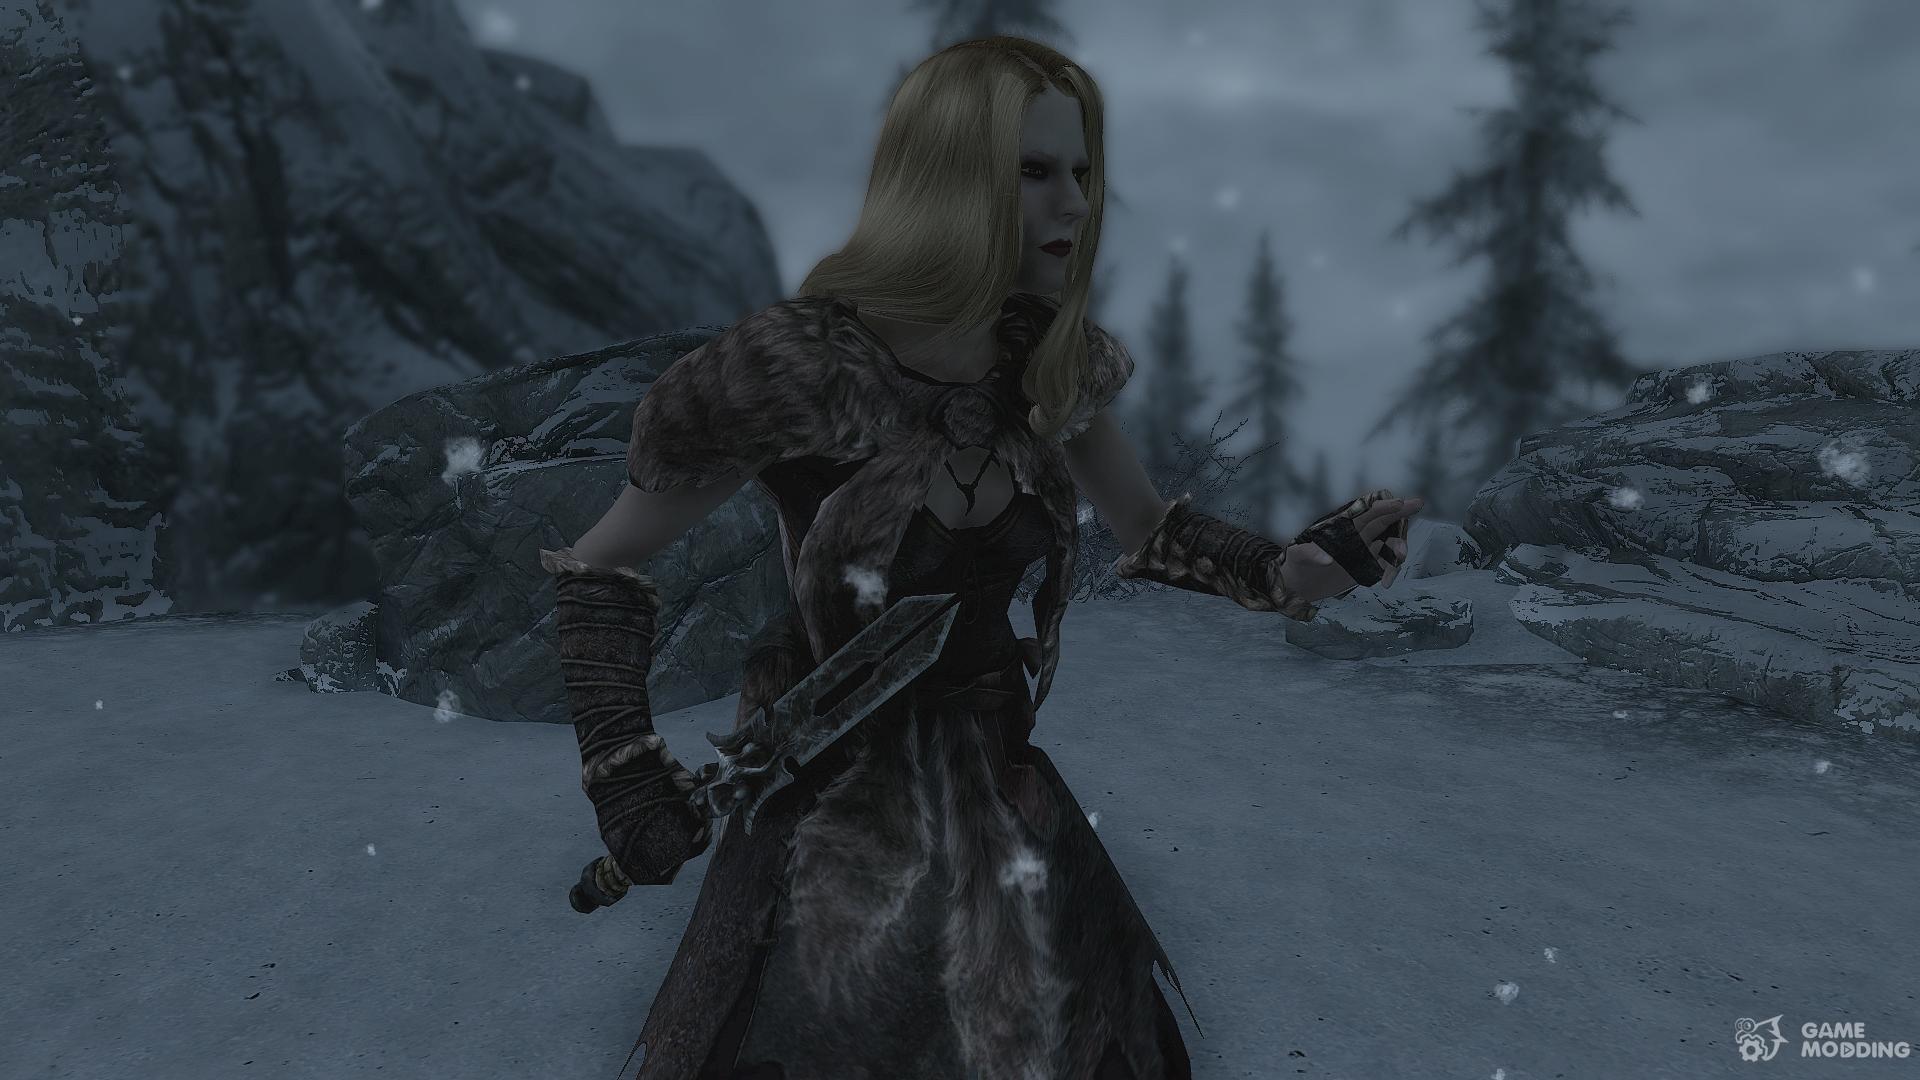 Alternate Blade of Woe for TES V: Skyrim